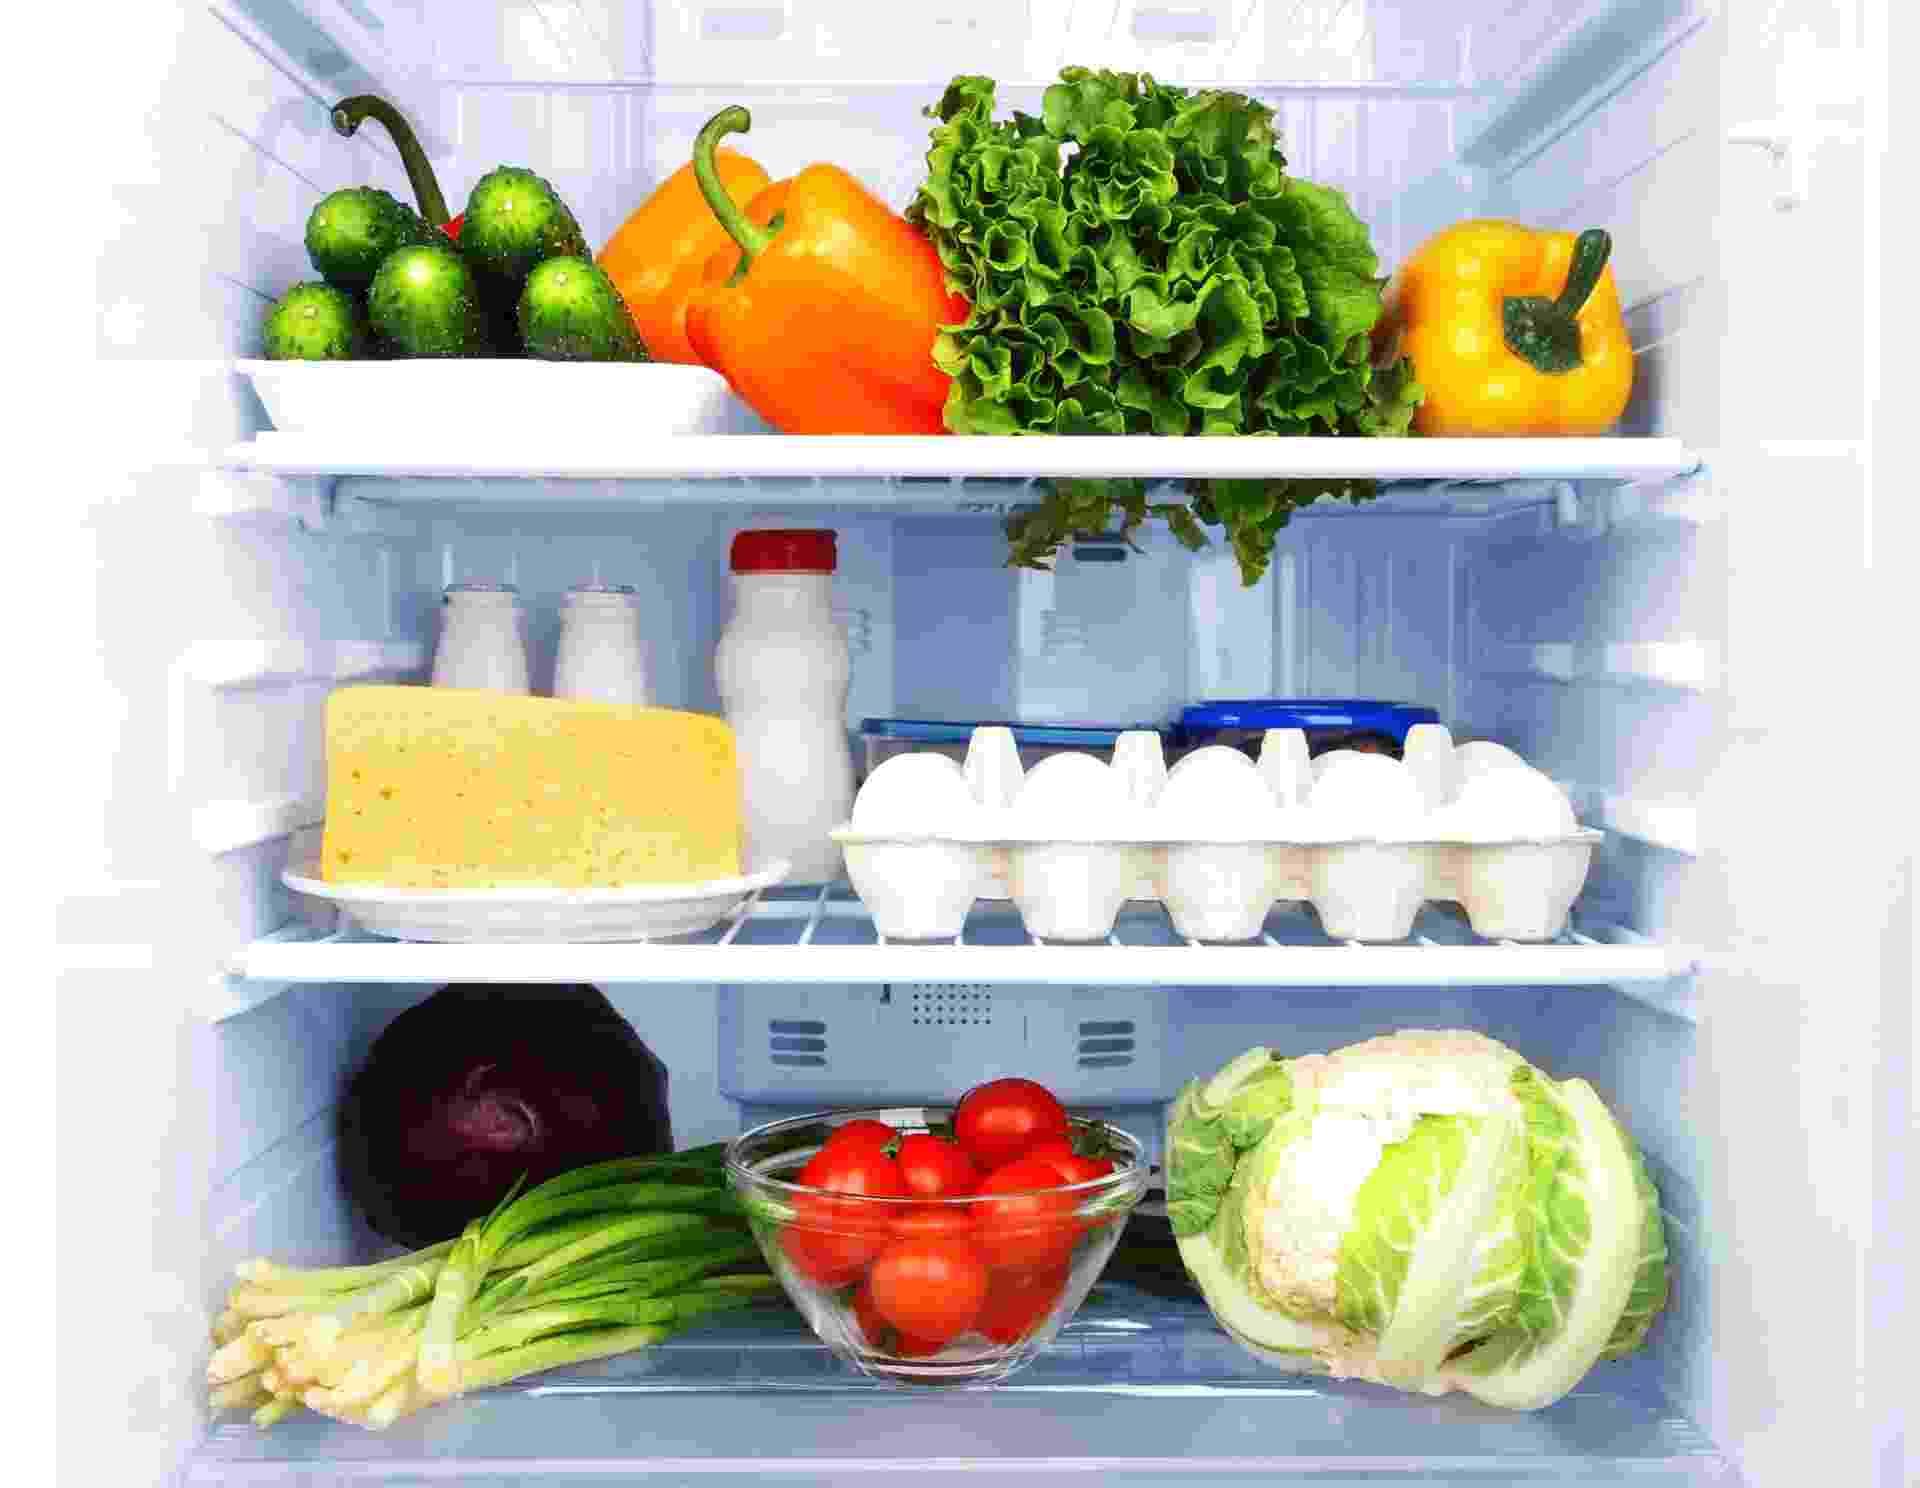 Geladeira com alimentos - Getty Images